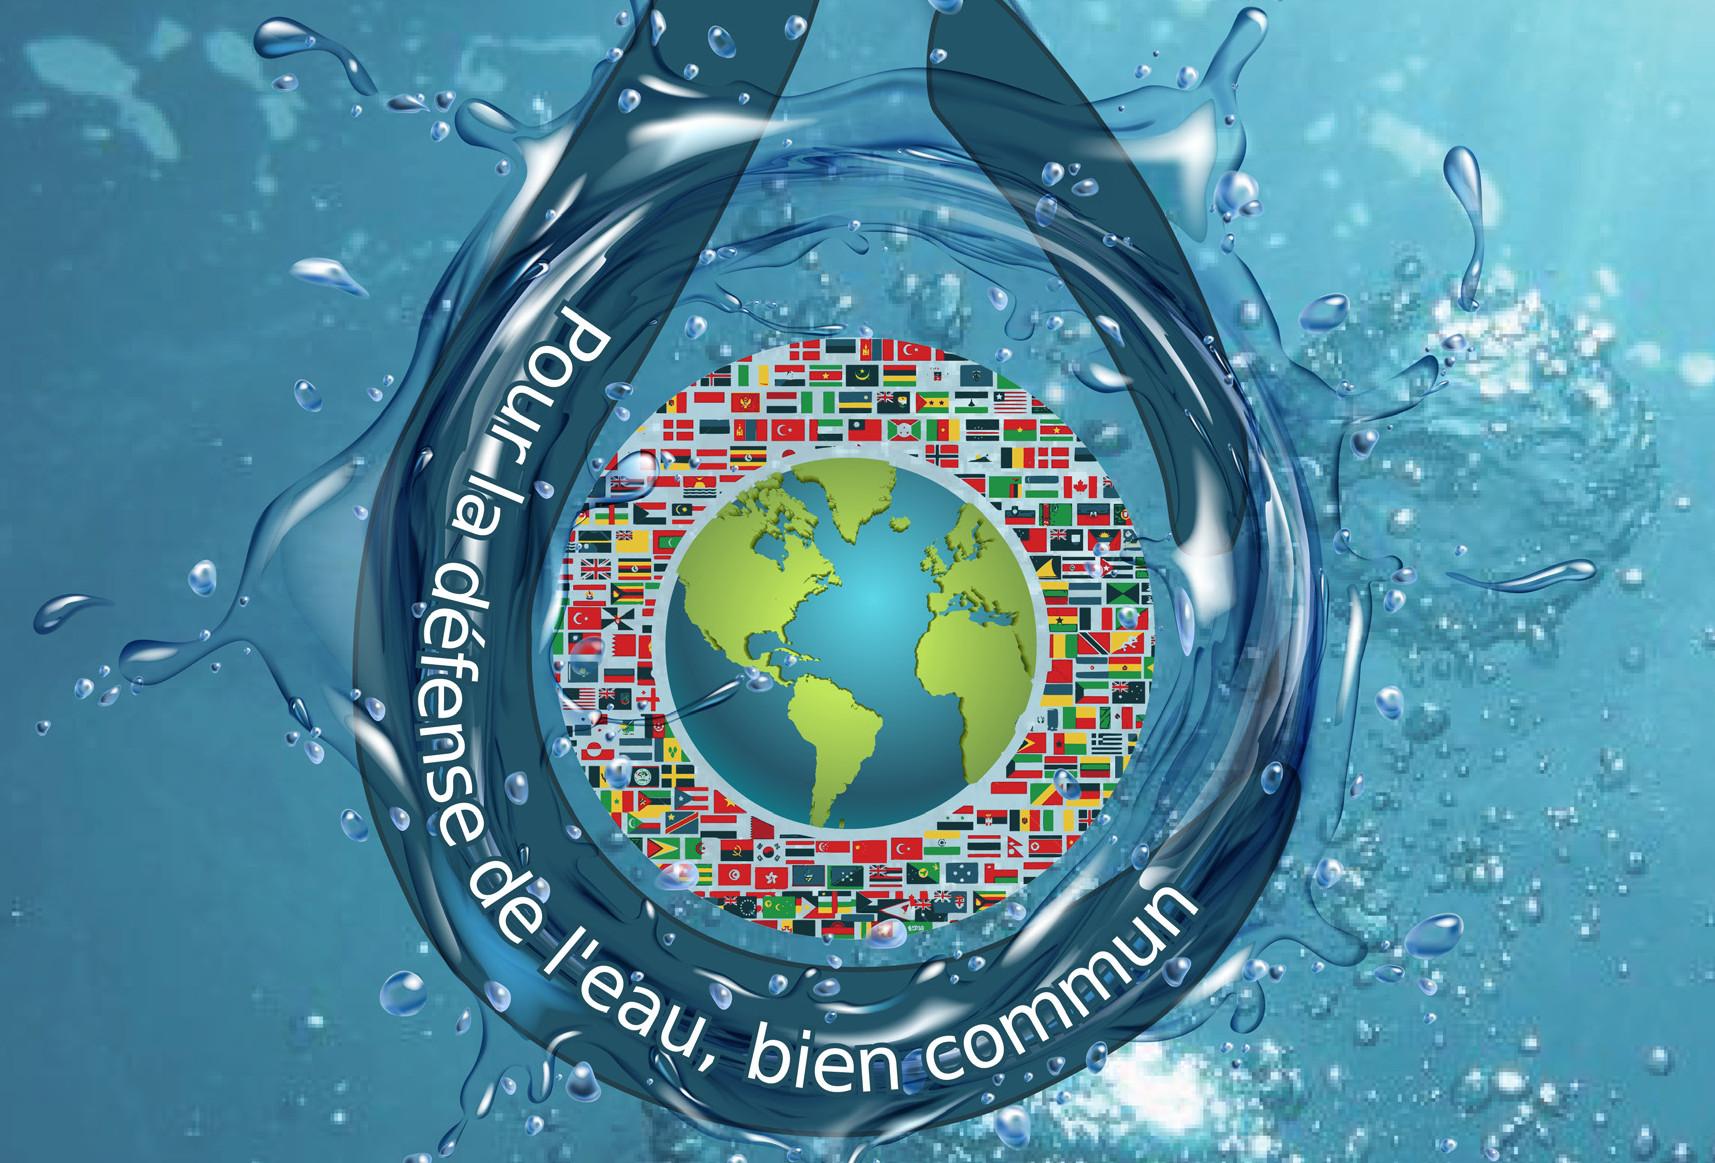 En France, «il y a encore une énorme bataille pour que le droit à l'eau soit reconnu»